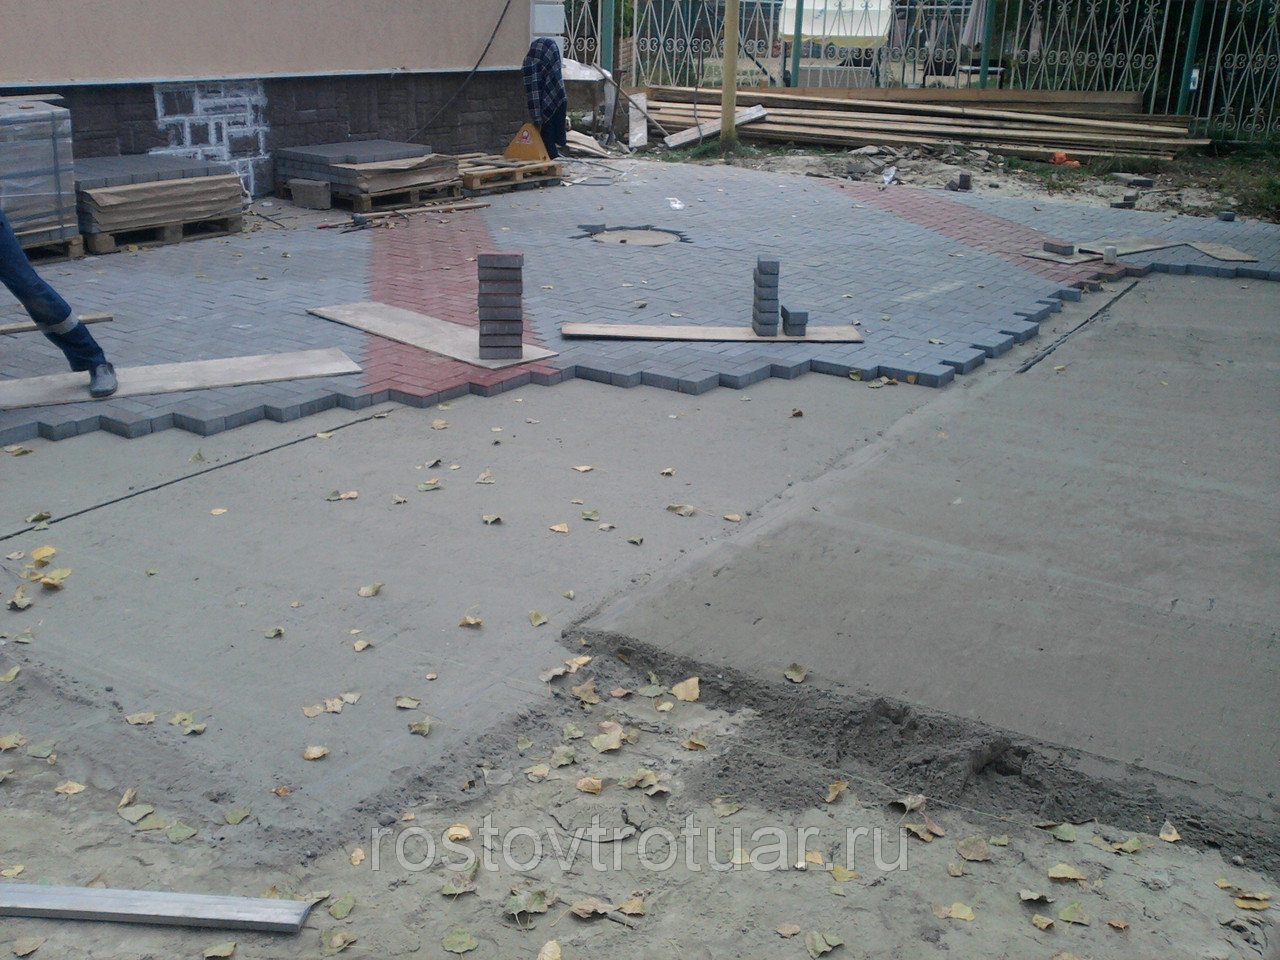 Подготовка основания под укладку тротуарной плитки